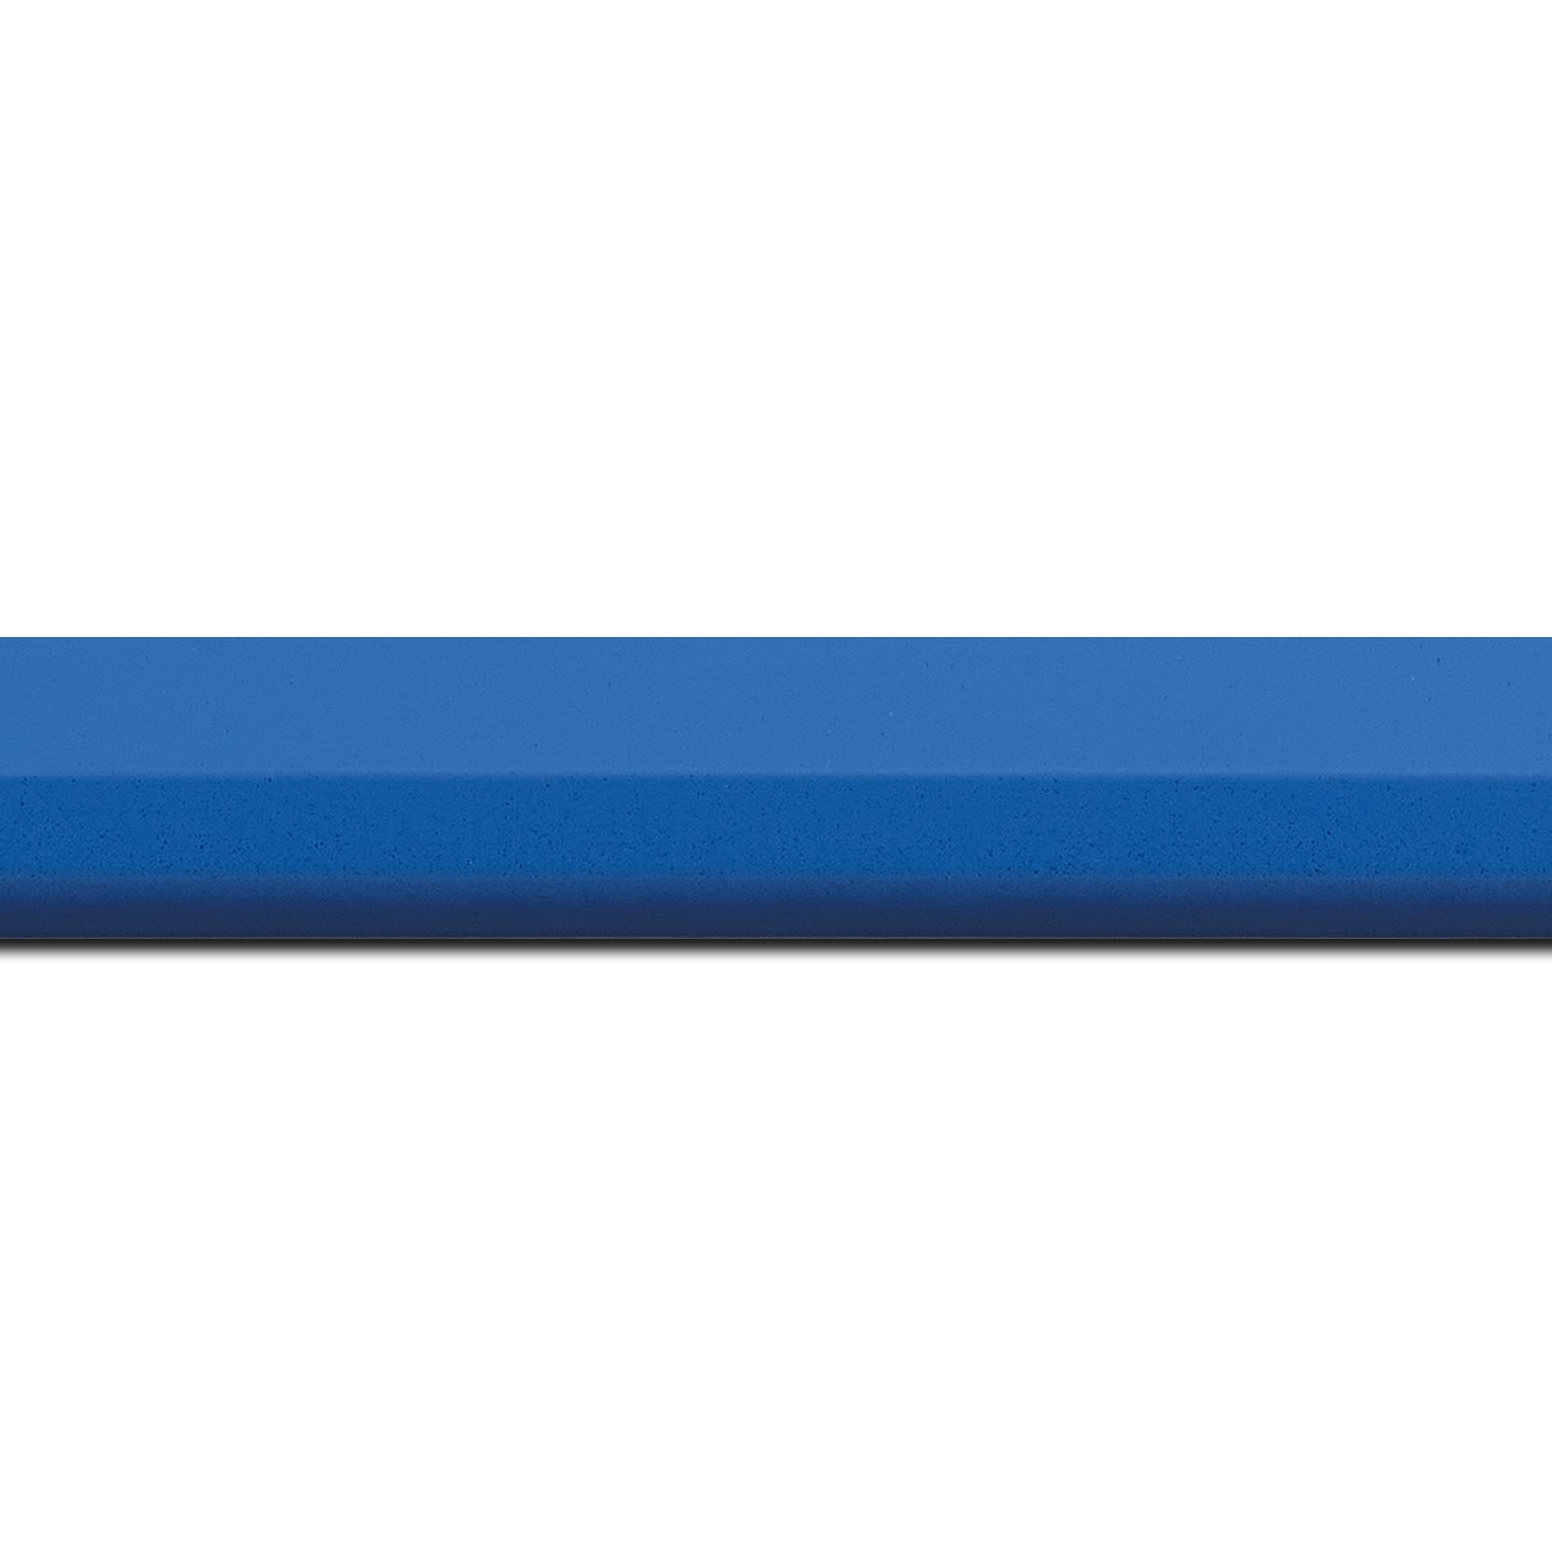 Baguette longueur 1.40m bois profil plat  3 faces largeur 2.8cm de couleur bleu roi mat , nez intérieur bleu foncé mat dégradé (finition pore bouché)